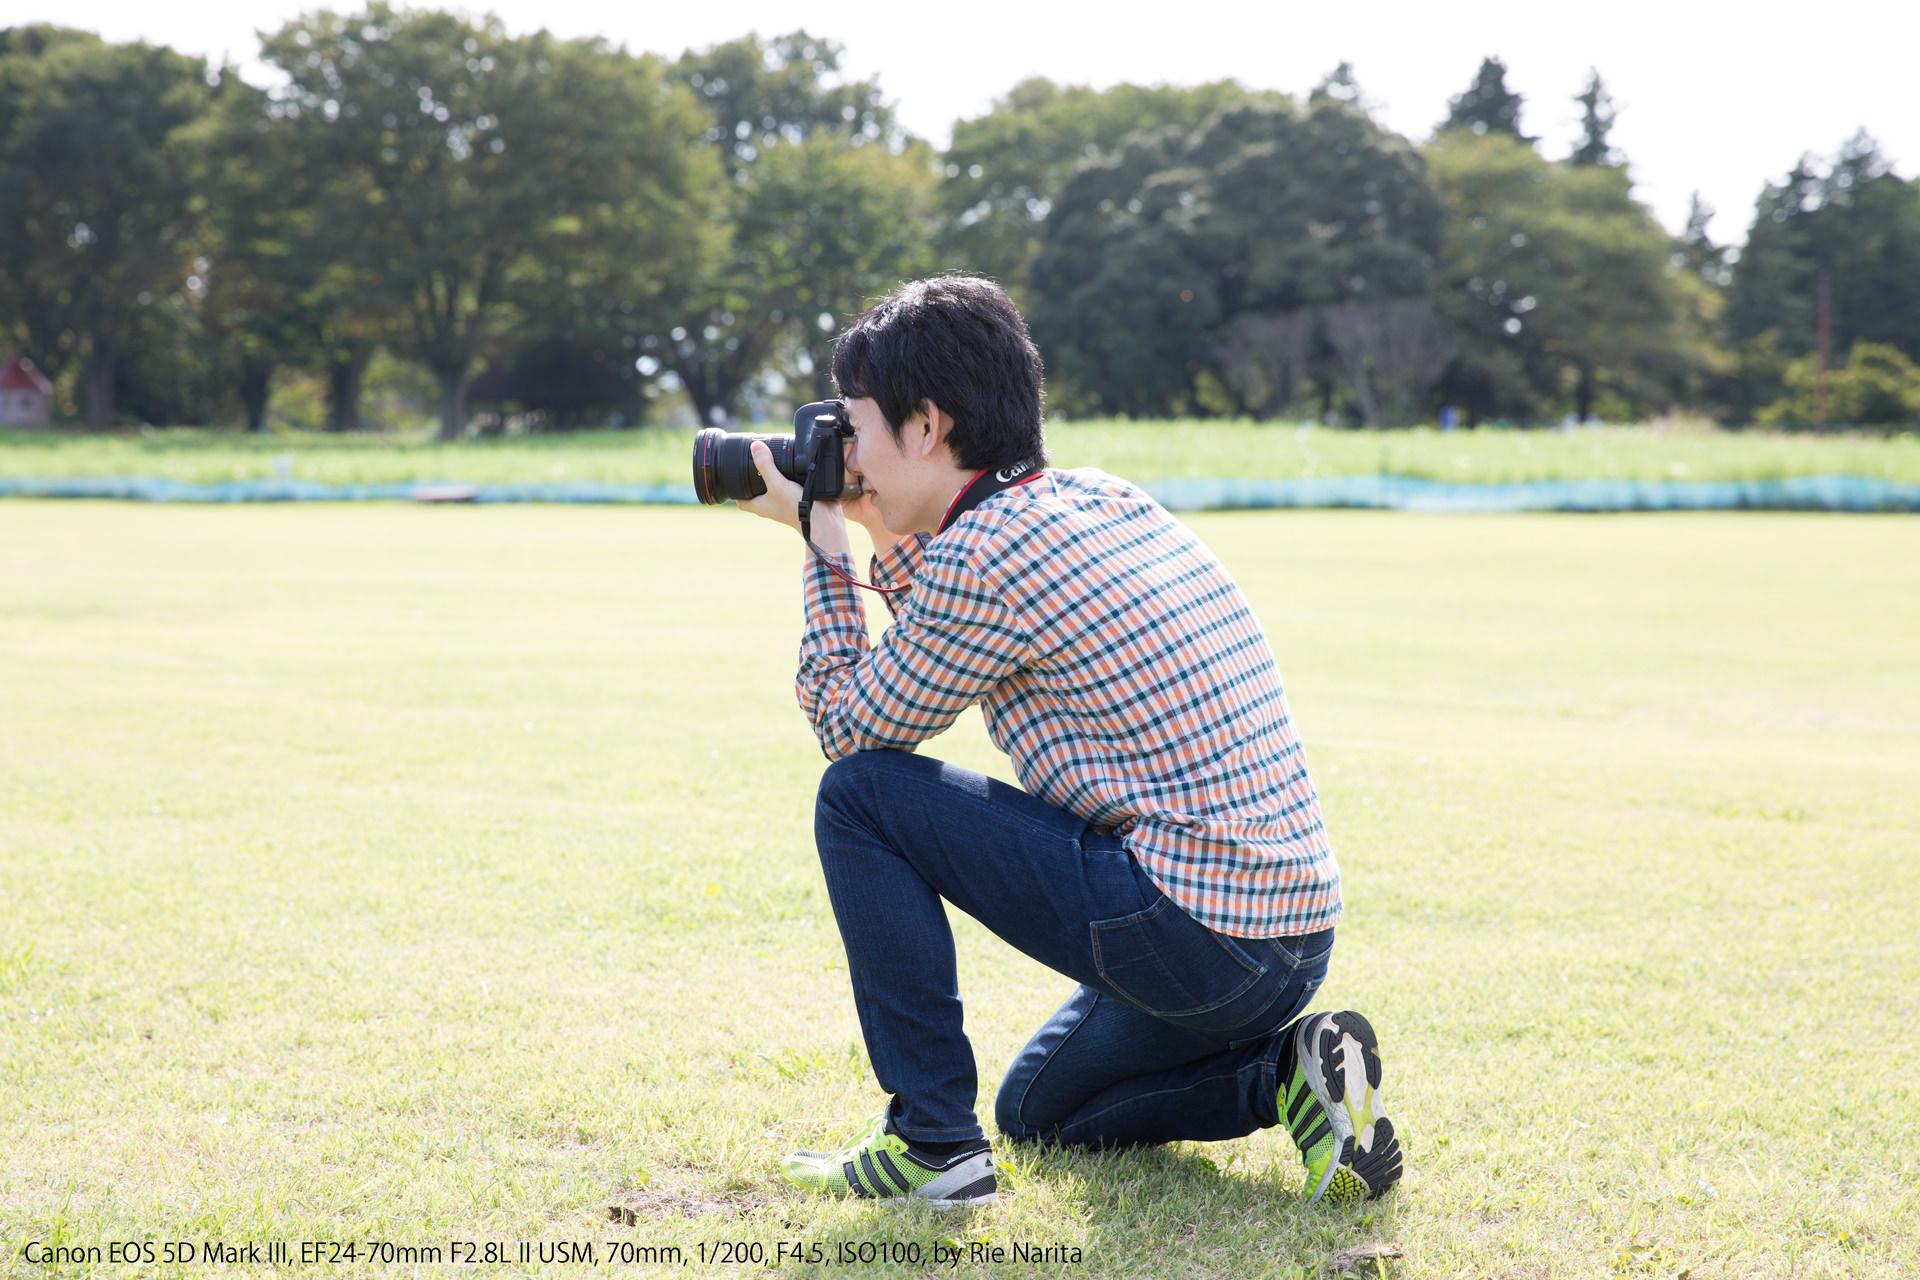 しゃがんだ状態で左膝を立て、その上に左肘を置くカメラの構え方